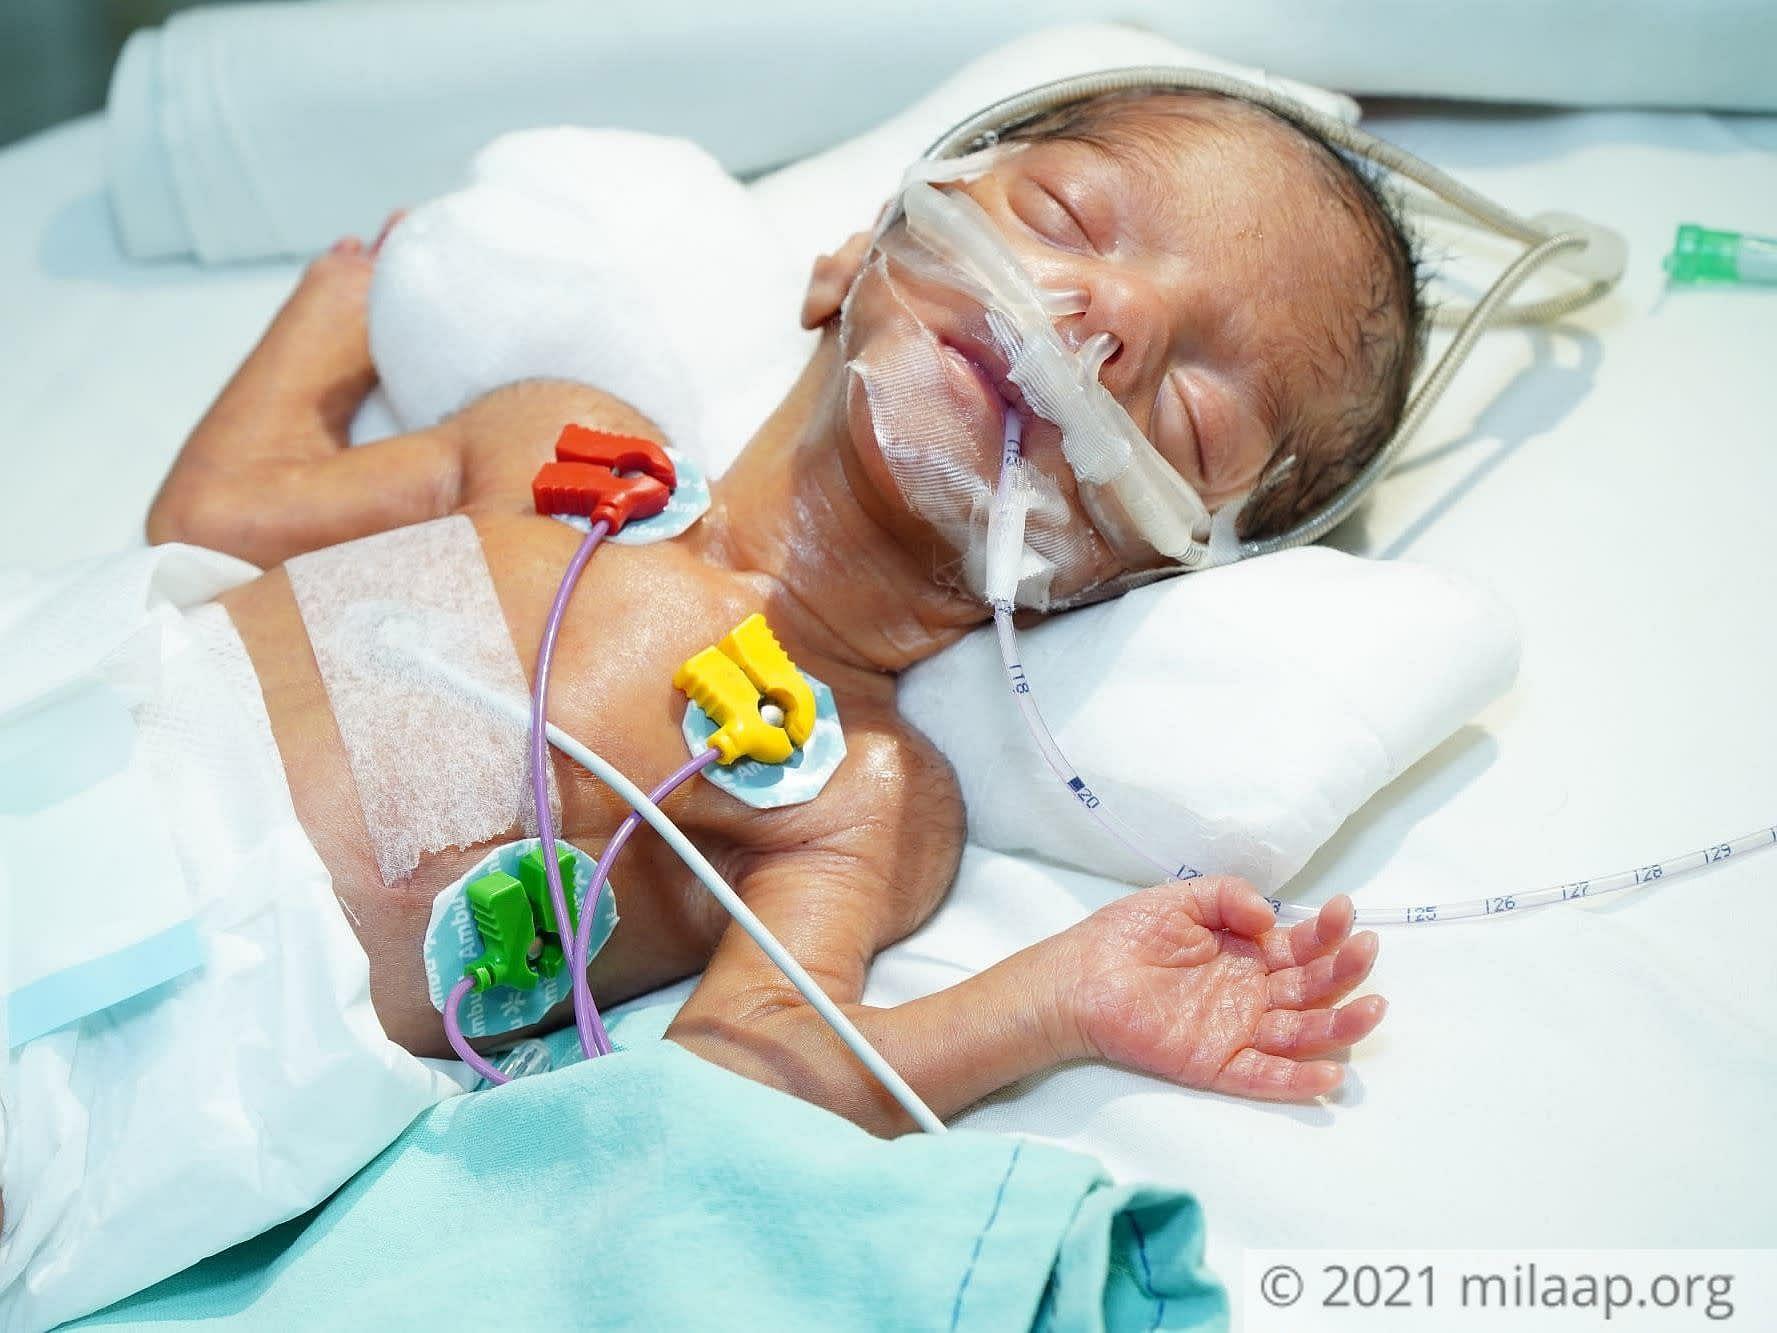 Baby of shahina 14.05 26 nujiui 1621317071.jpg njzueg 1621425430